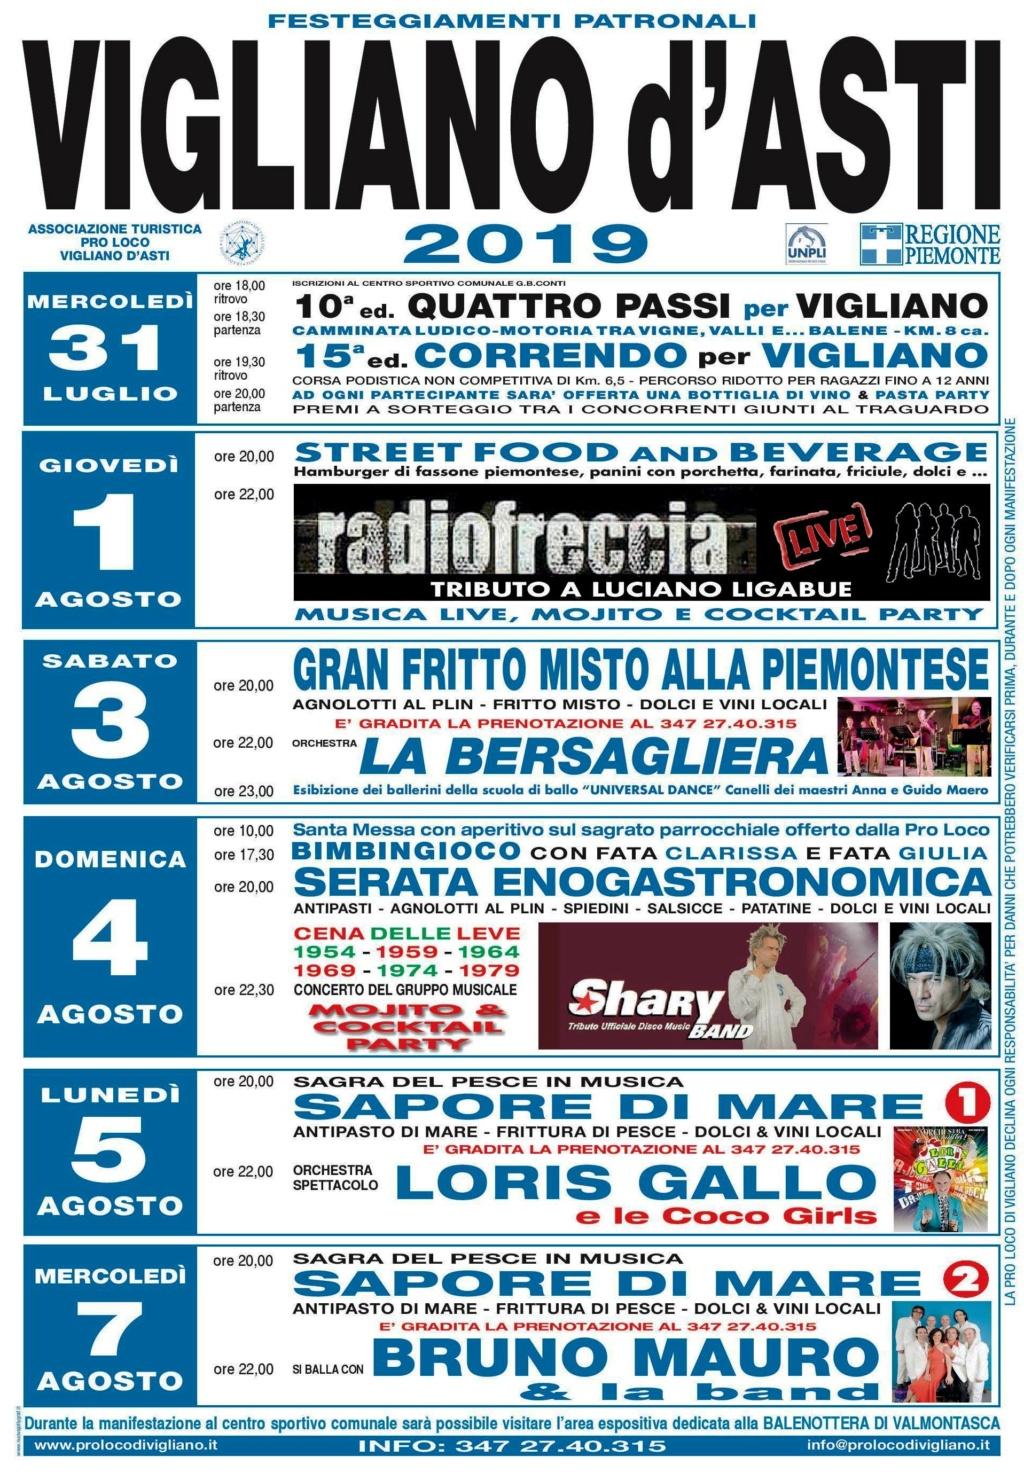 31 Luglio - 7 agosto Festa patronale a Vigliano d'Asti Festa_15